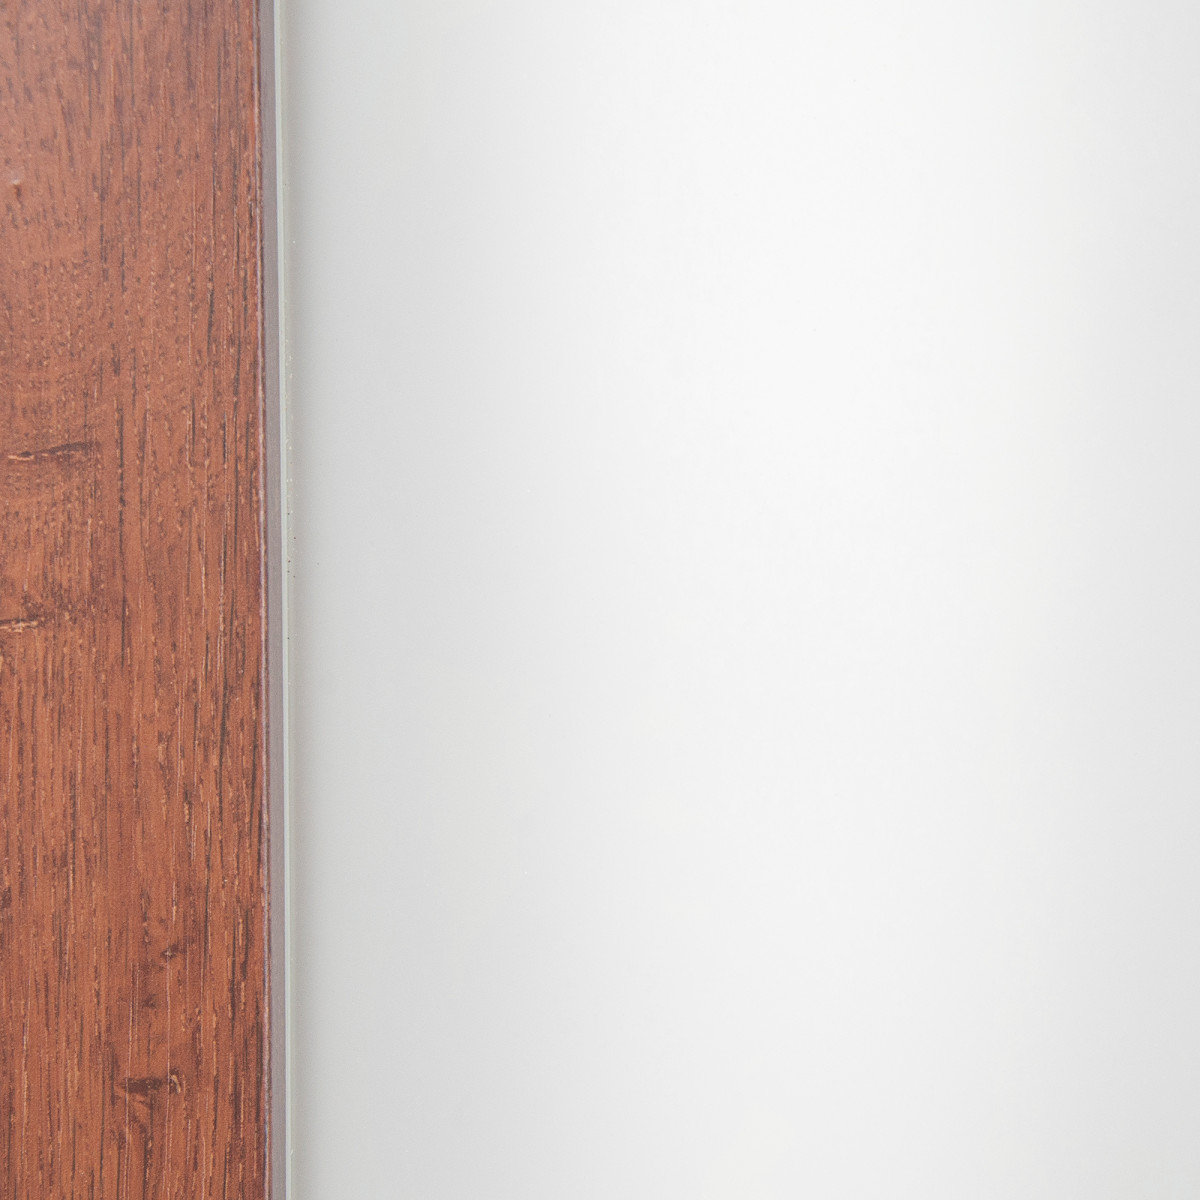 Дверь Межкомнатная Остеклённая Кантри 90x200 Пвх Цвет Дуб Сан-Томе С Фурнитурой